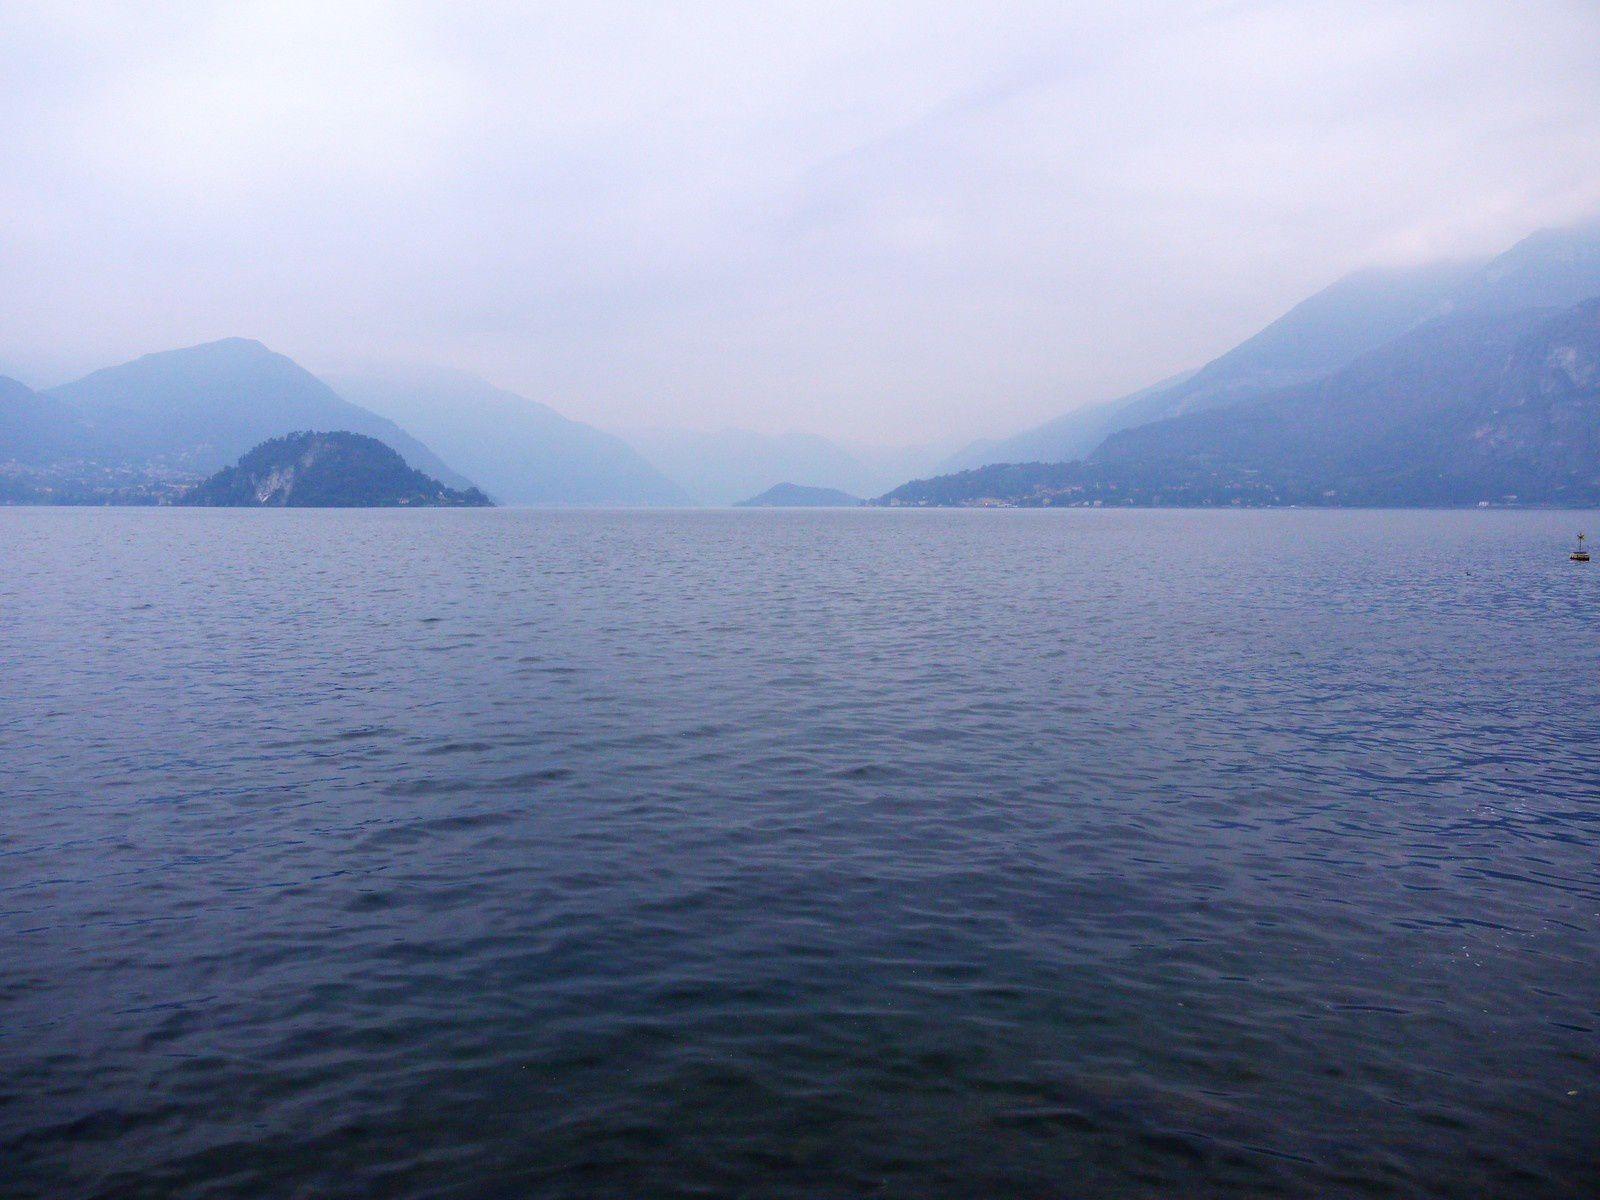 Balade automnale au bord du lac de Côme